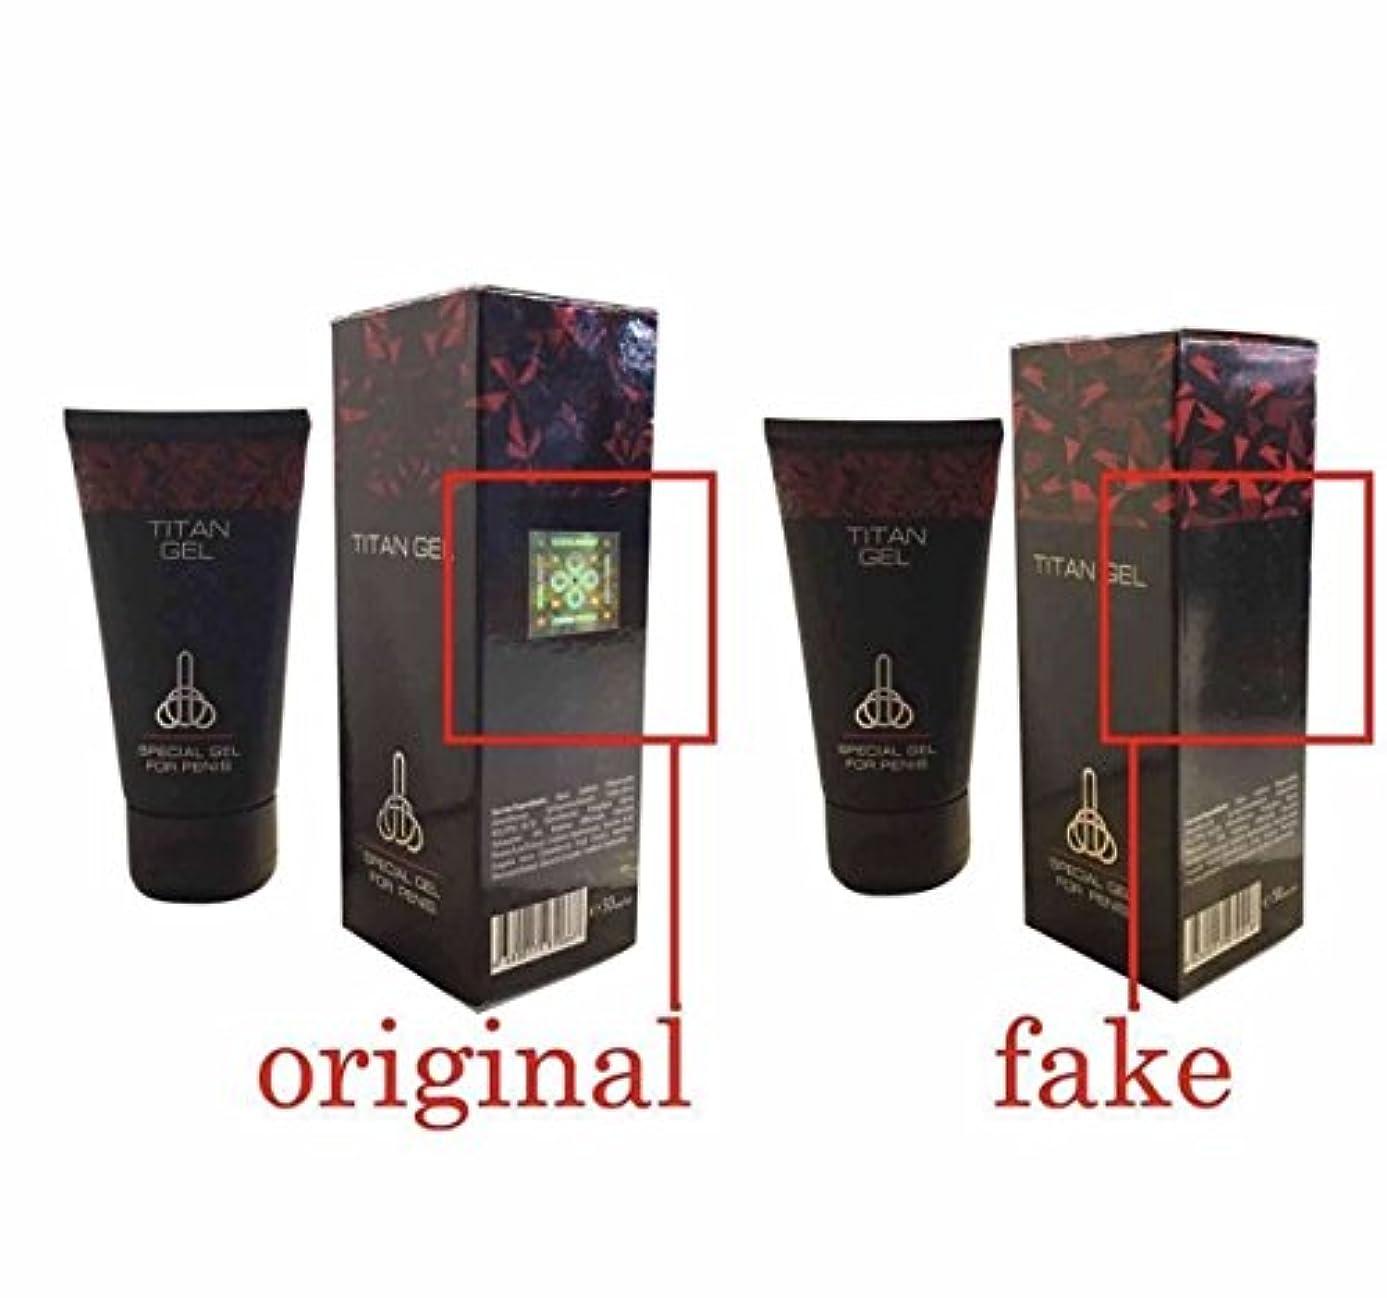 成熟厚い懐疑的タイタンジェル Titan gel 50ml 2箱セット 日本語説明付き [並行輸入品]